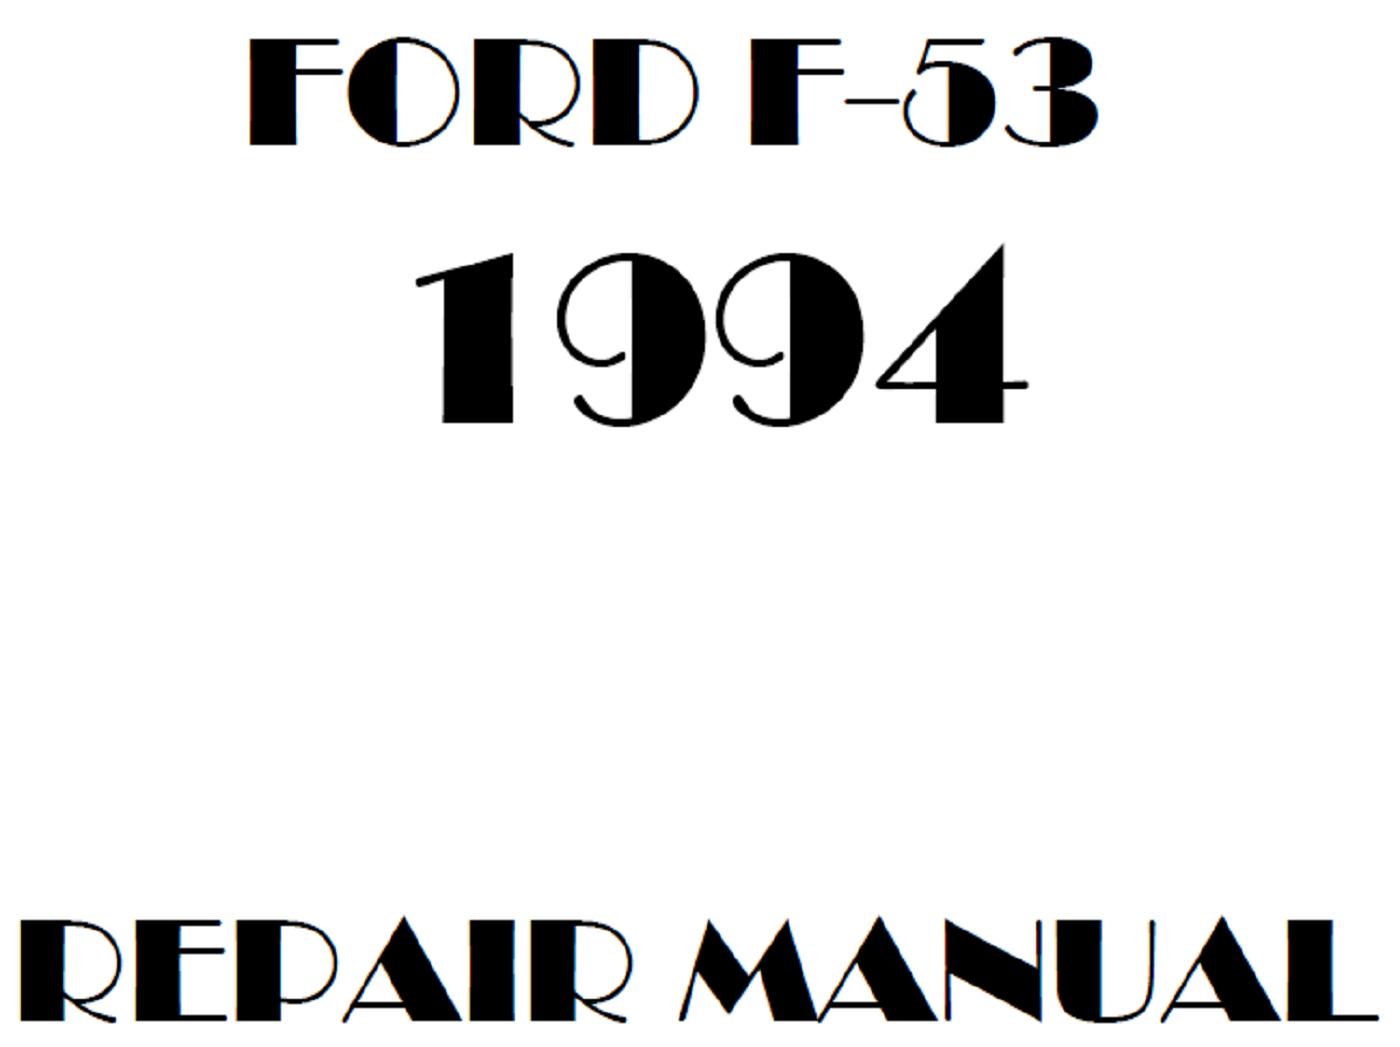 1994 Ford F53 Repair Manual